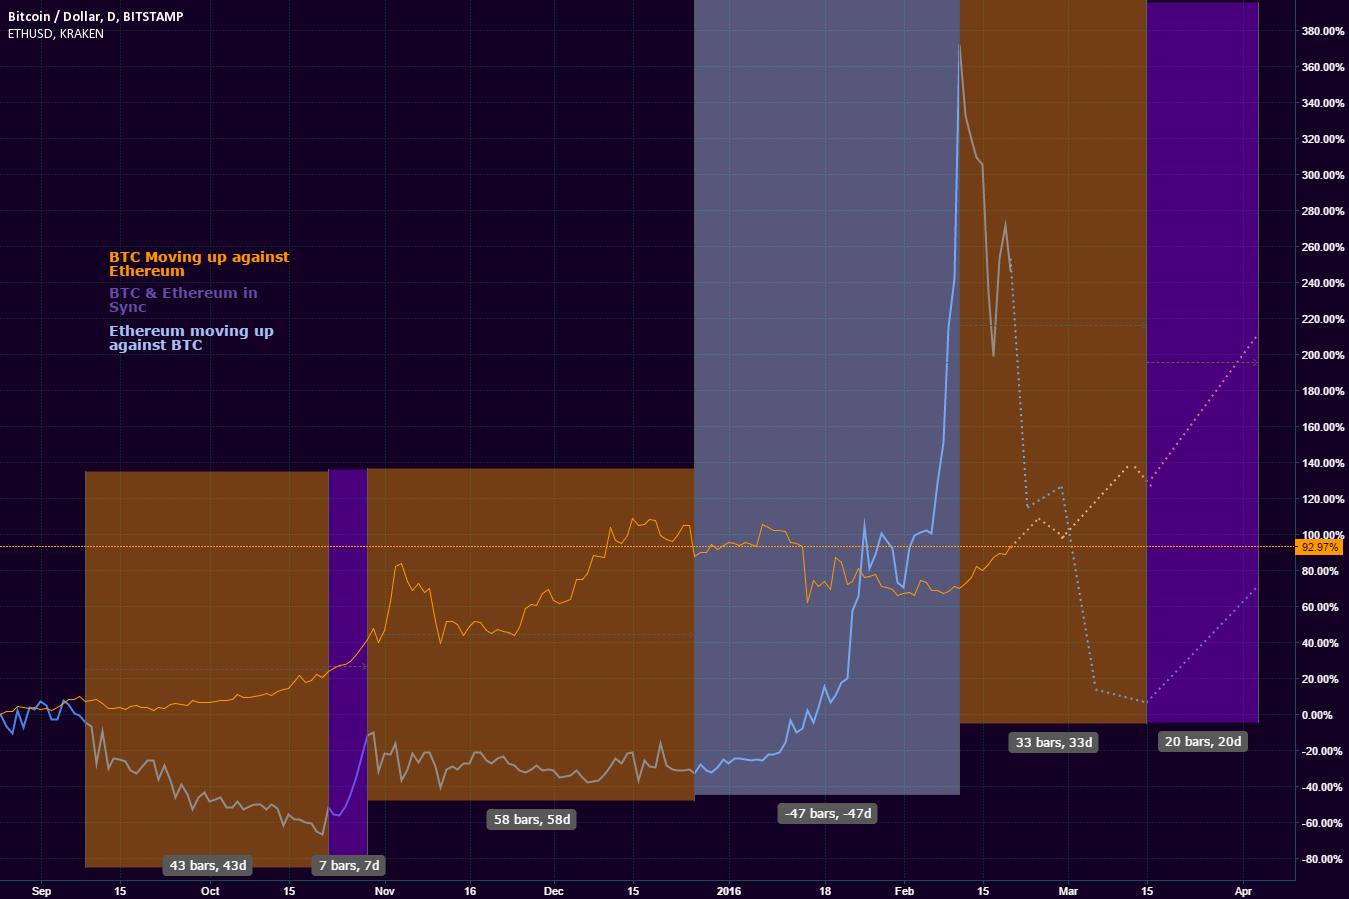 Bitcoin & Ethereum: A price comparison